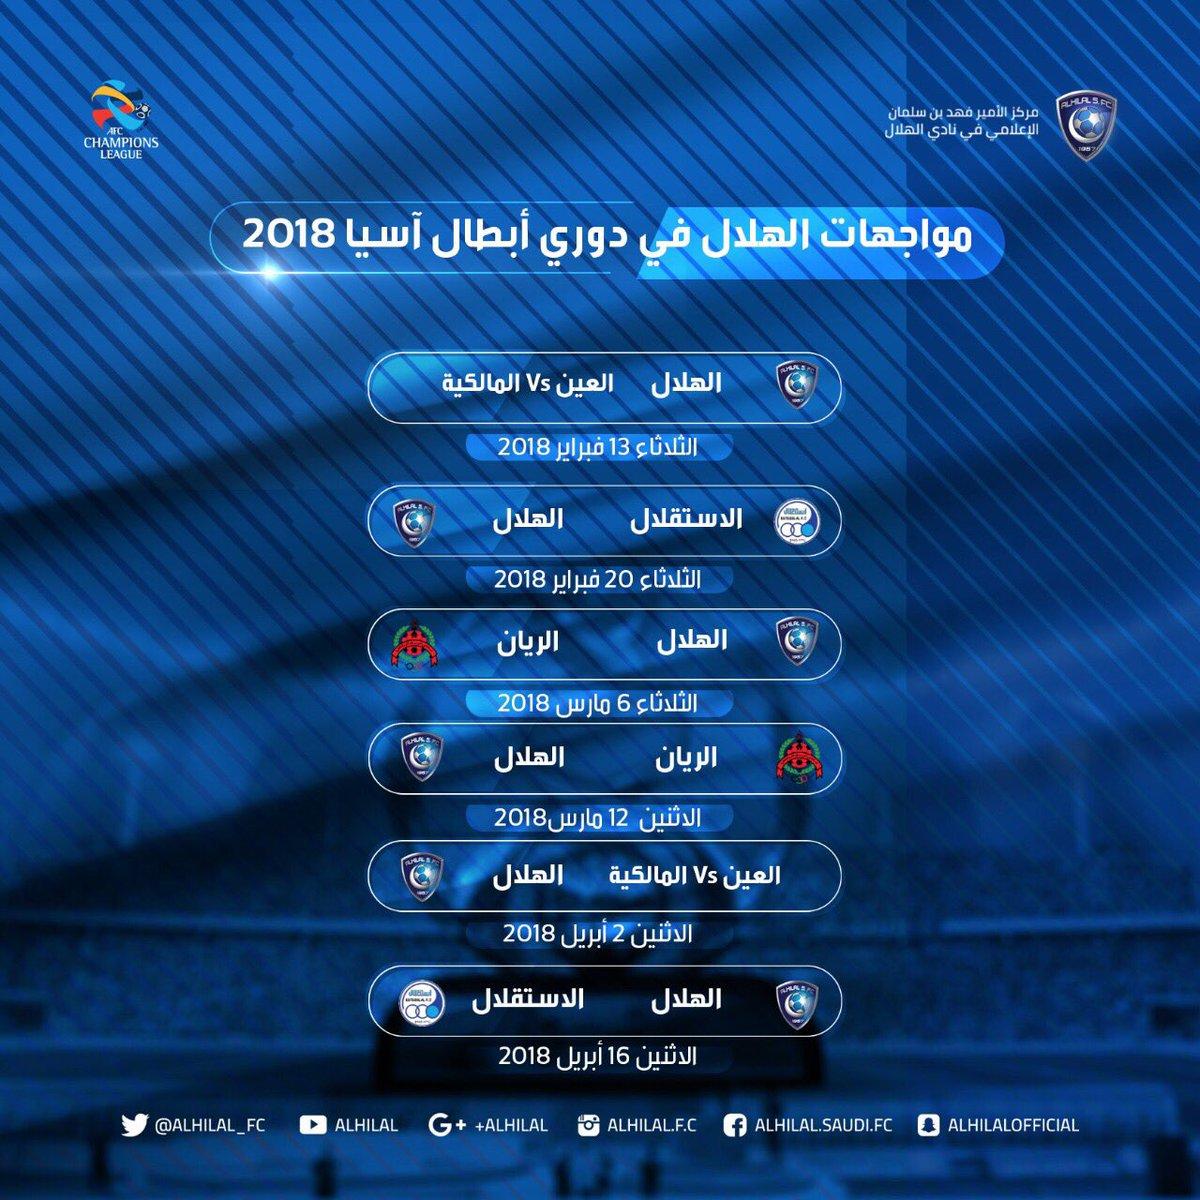 أخبار 24 الهلال يكشف مواعيد مبارياته في دوري أبطال آسيا بعد إعلان القرعة